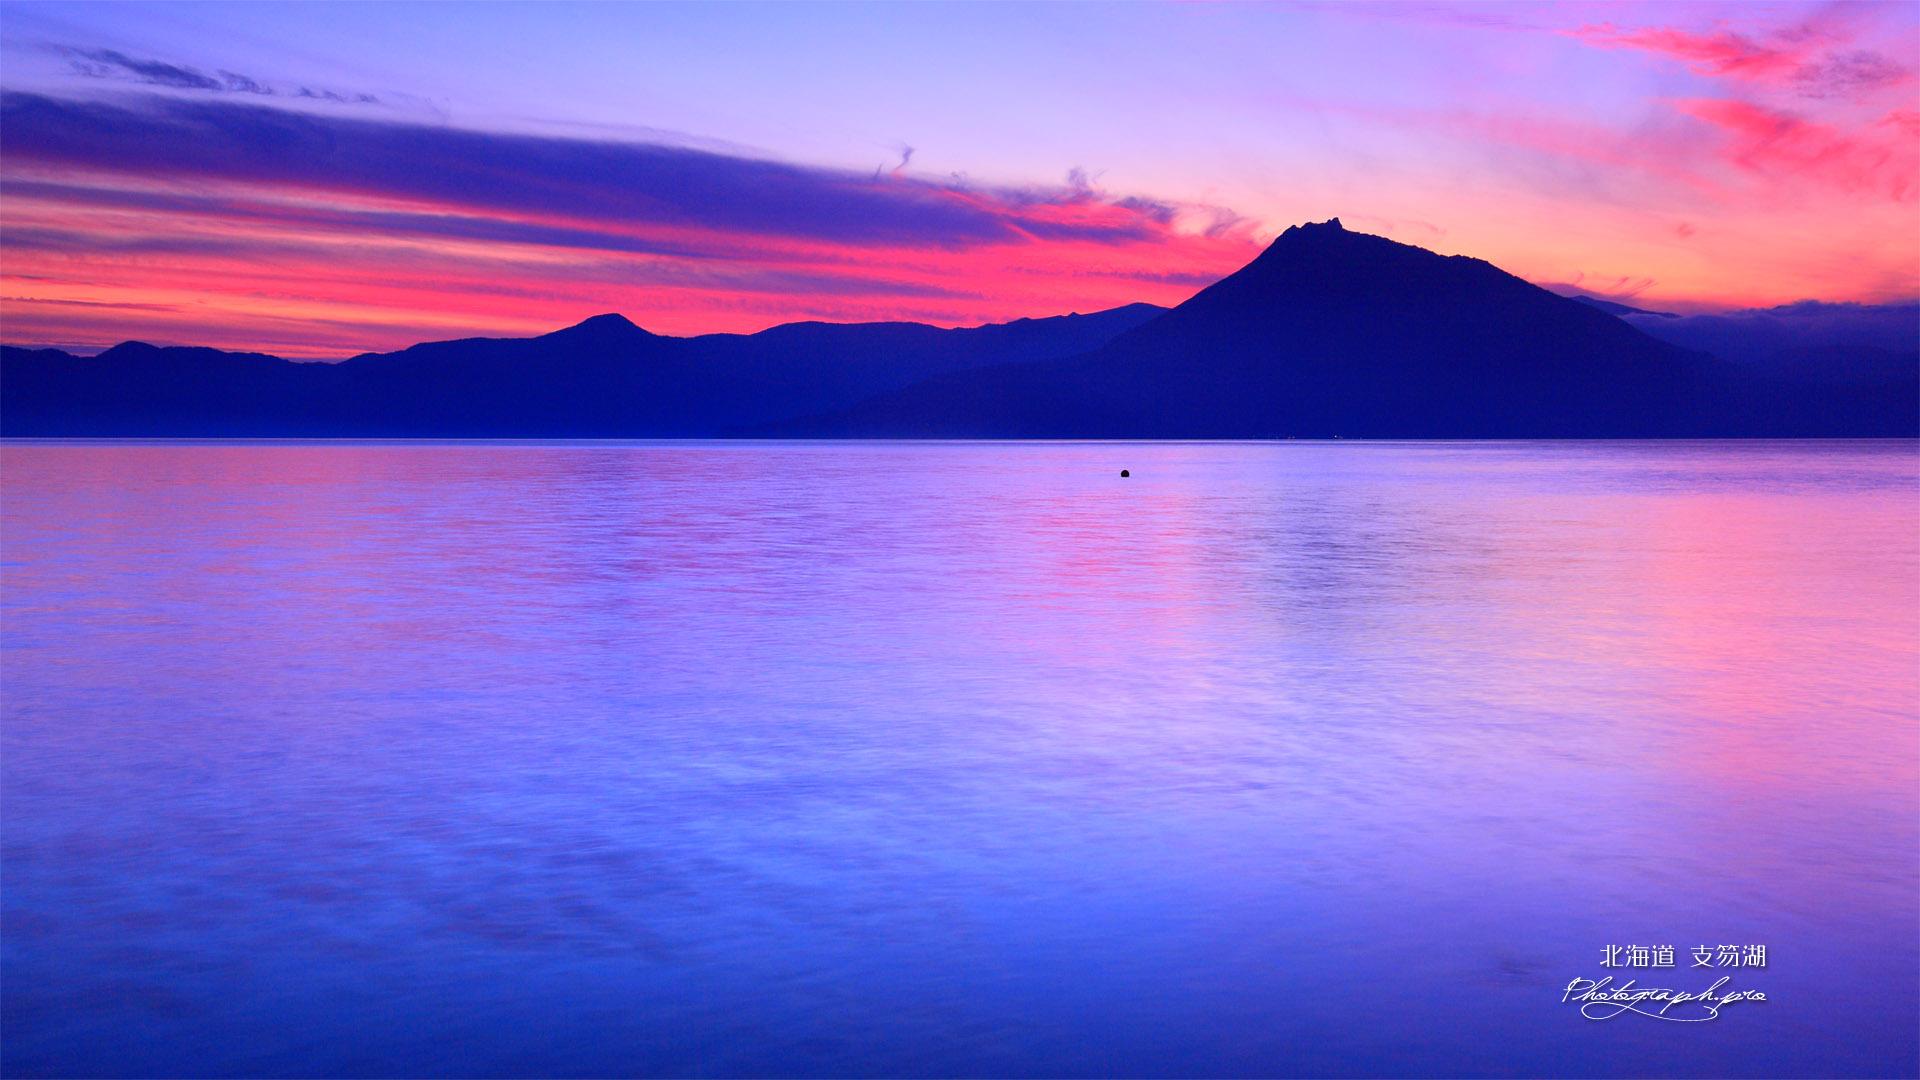 支笏湖と恵庭岳 の壁紙 19x1080